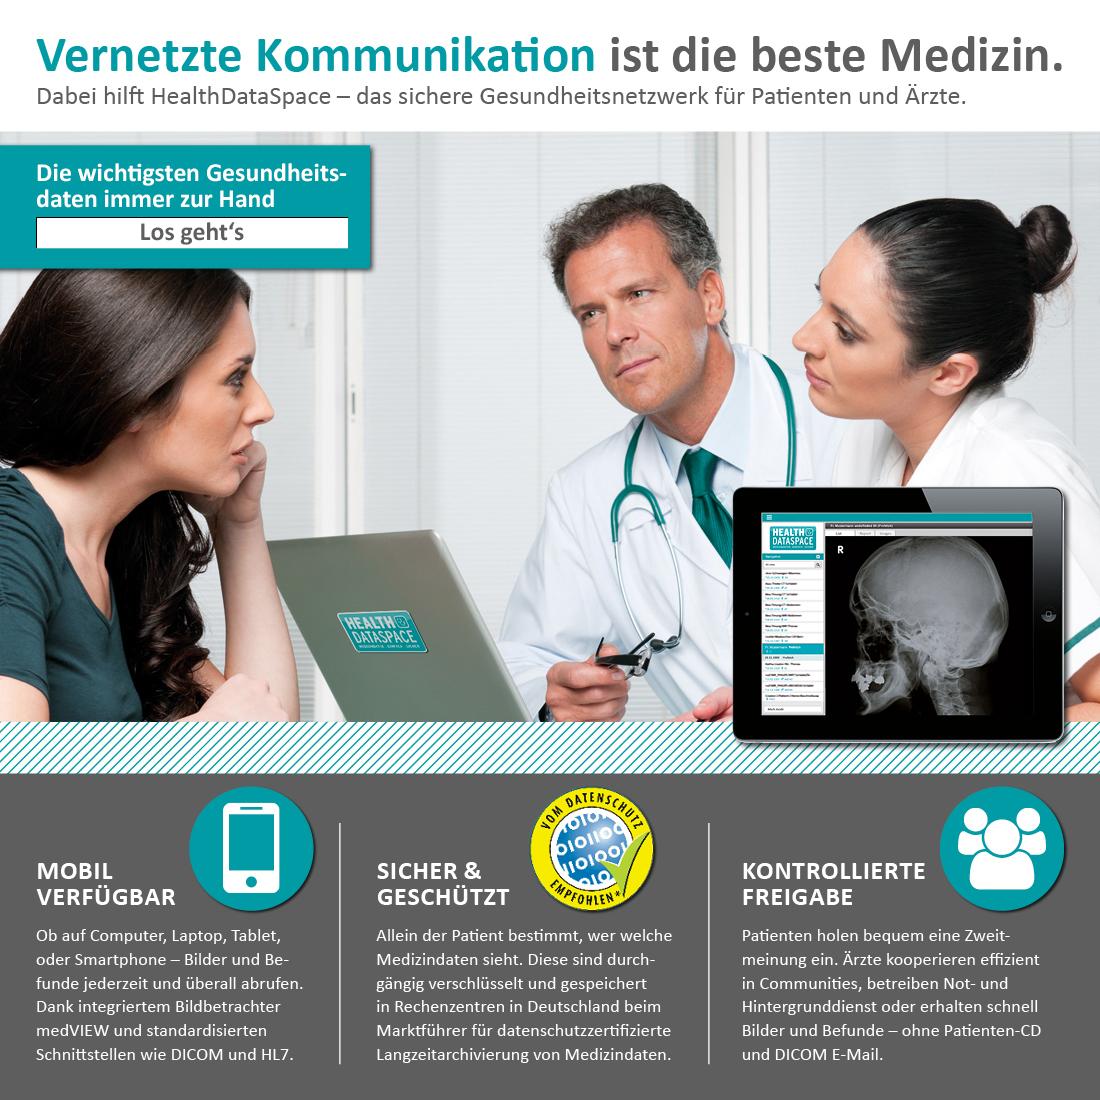 HealthDataSpace-Gesundheitsnetzwerk-Datenschutz